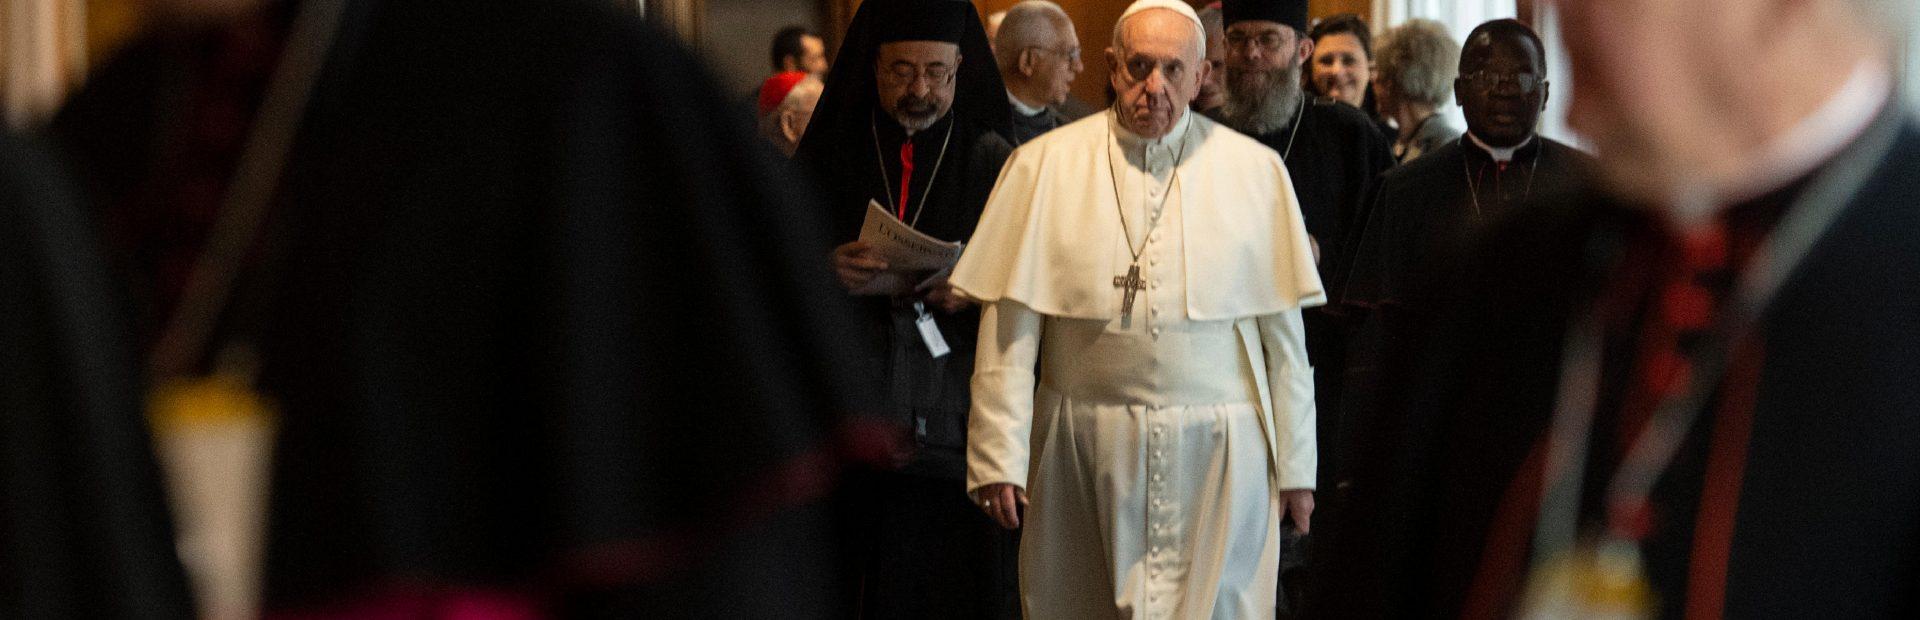 """Papa Francesco: """"La donna è l'immagine della Chiesa che è donna, è sposa, è madre"""""""